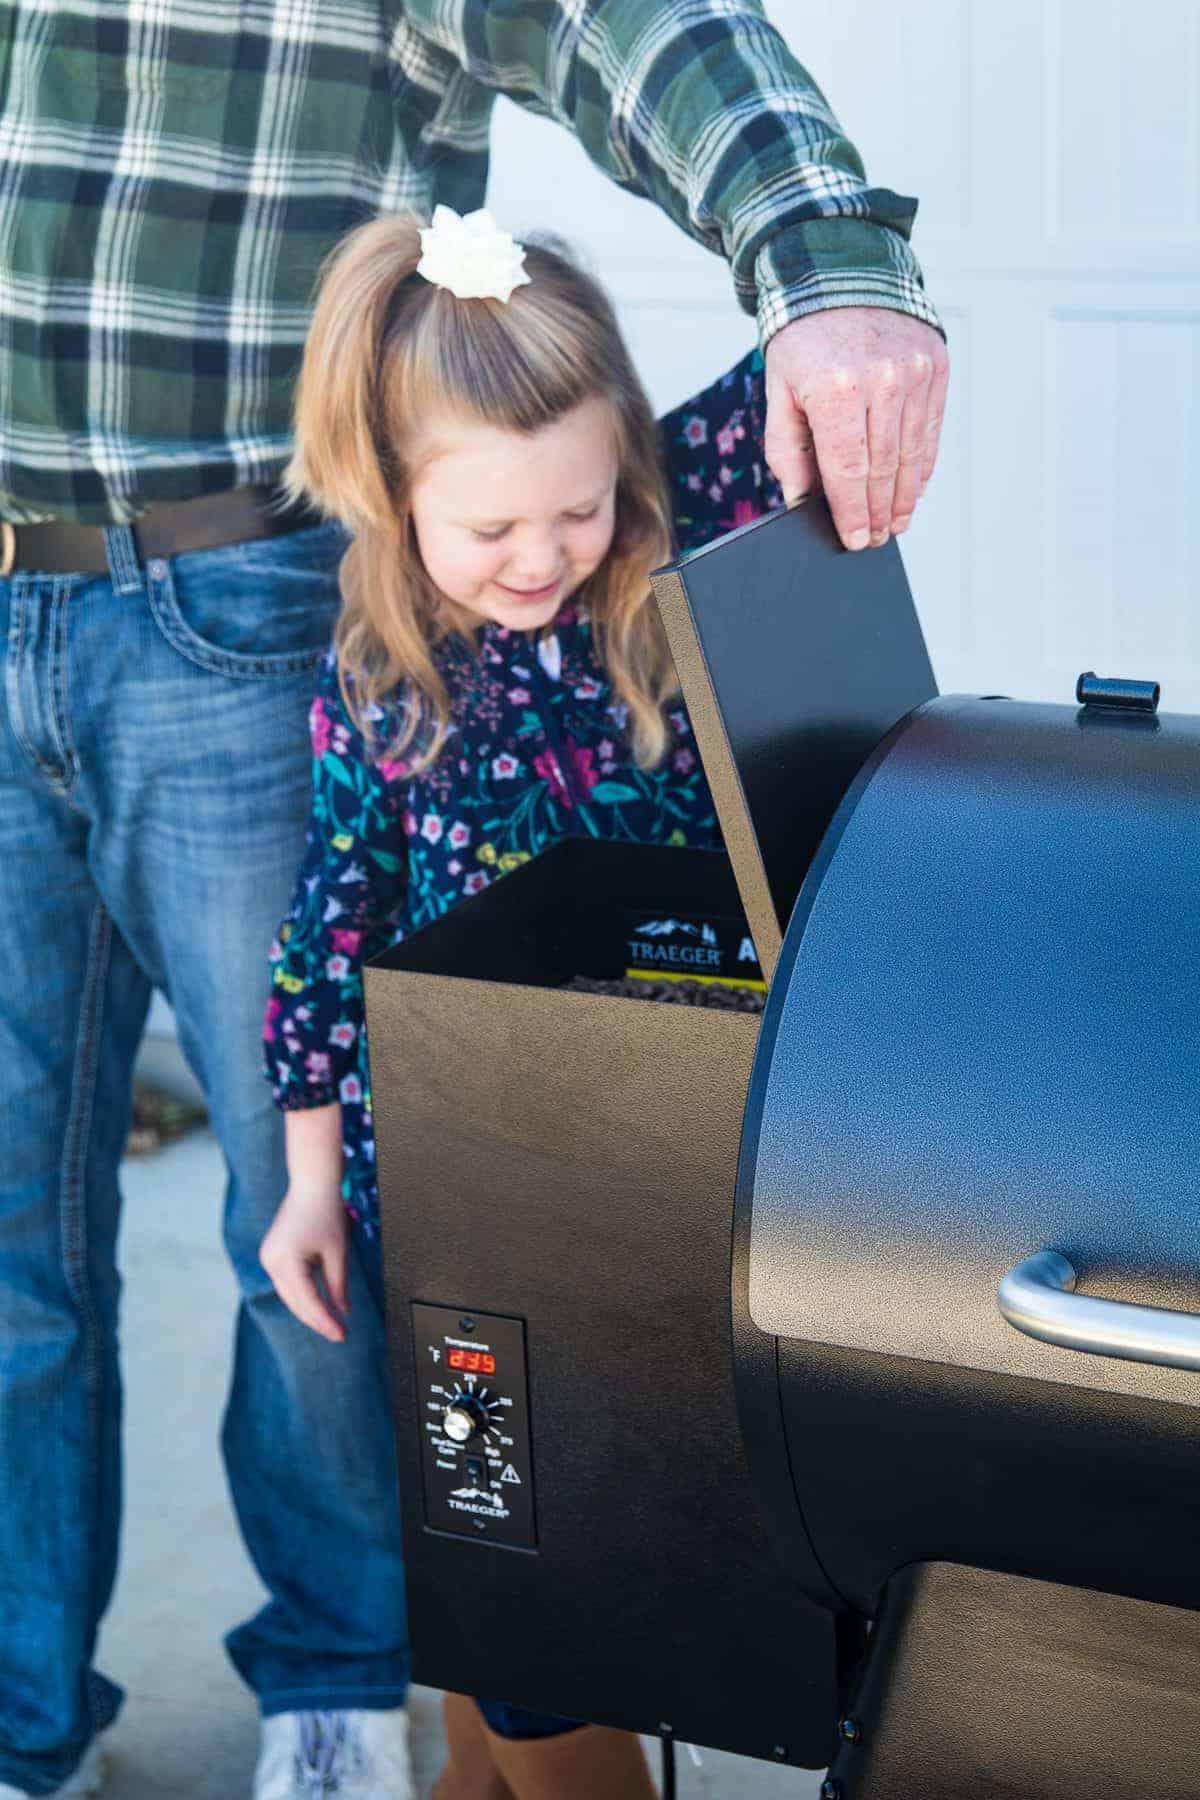 Kid Looking at smoker